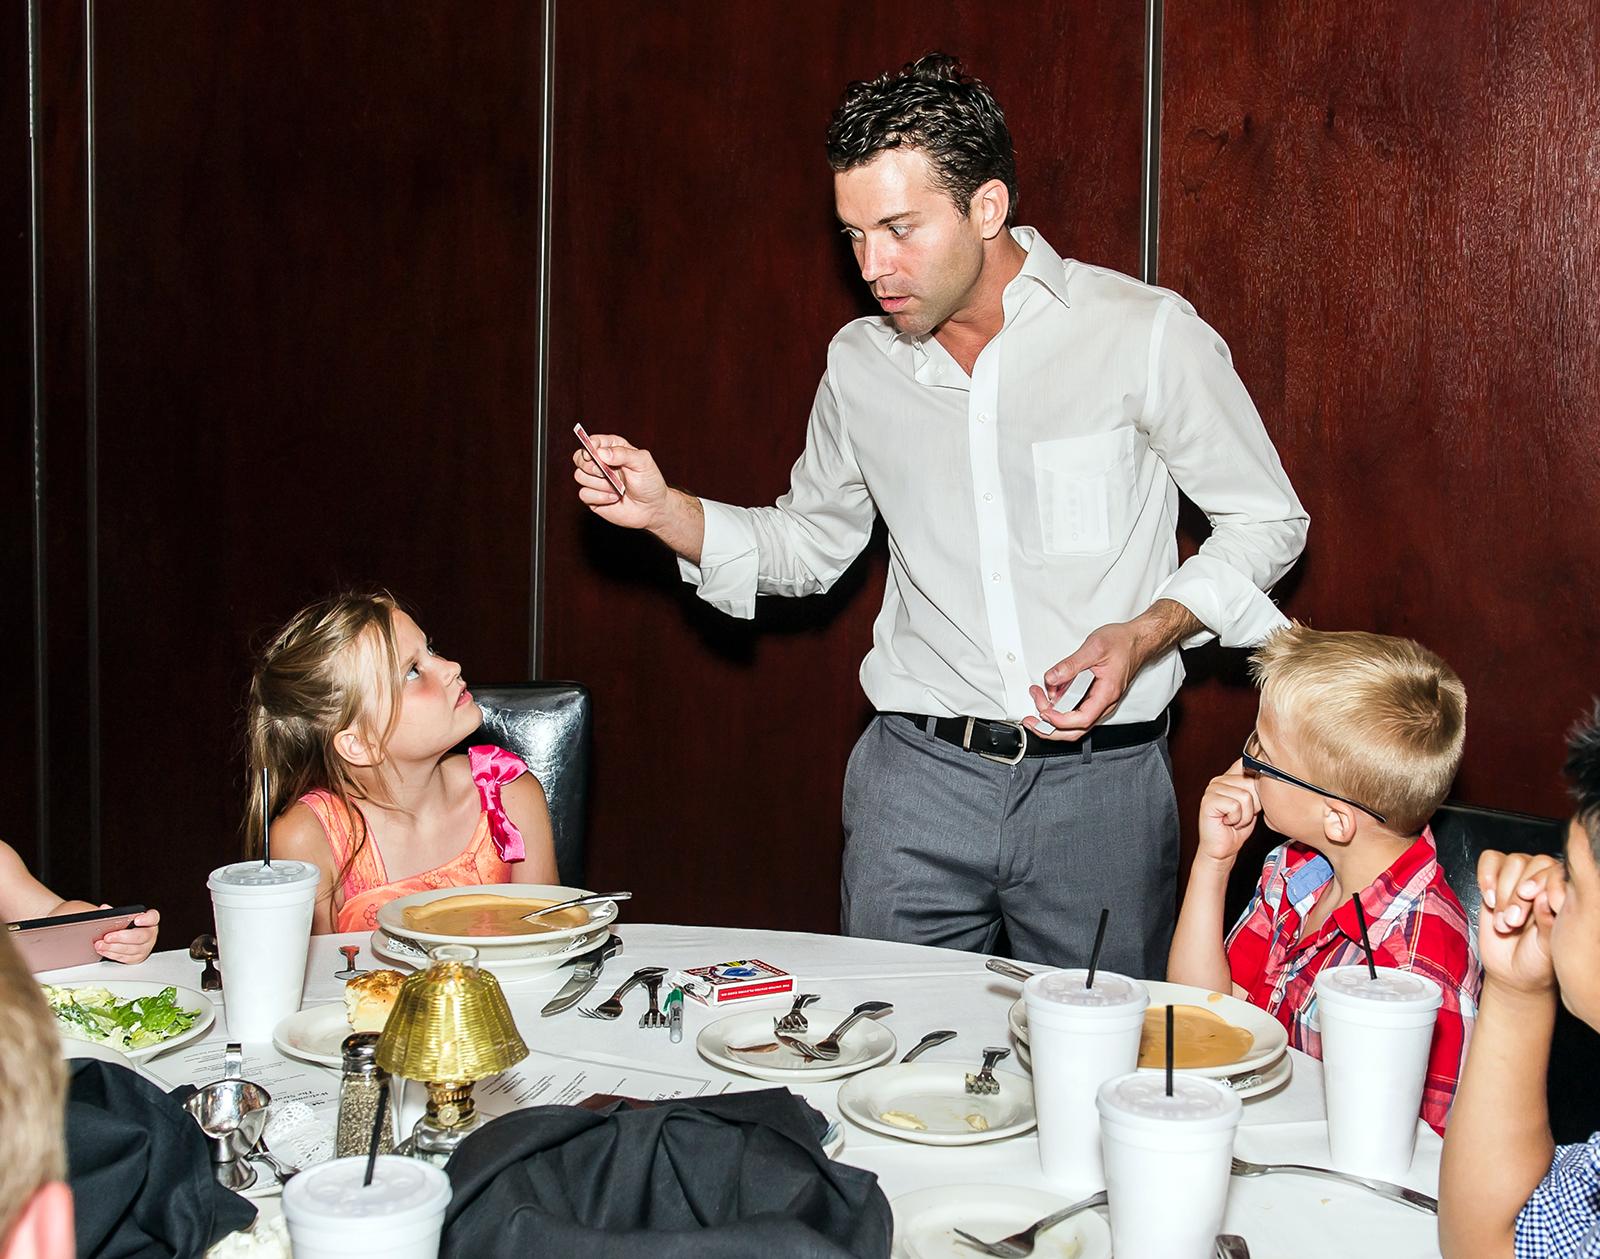 restaurant magician